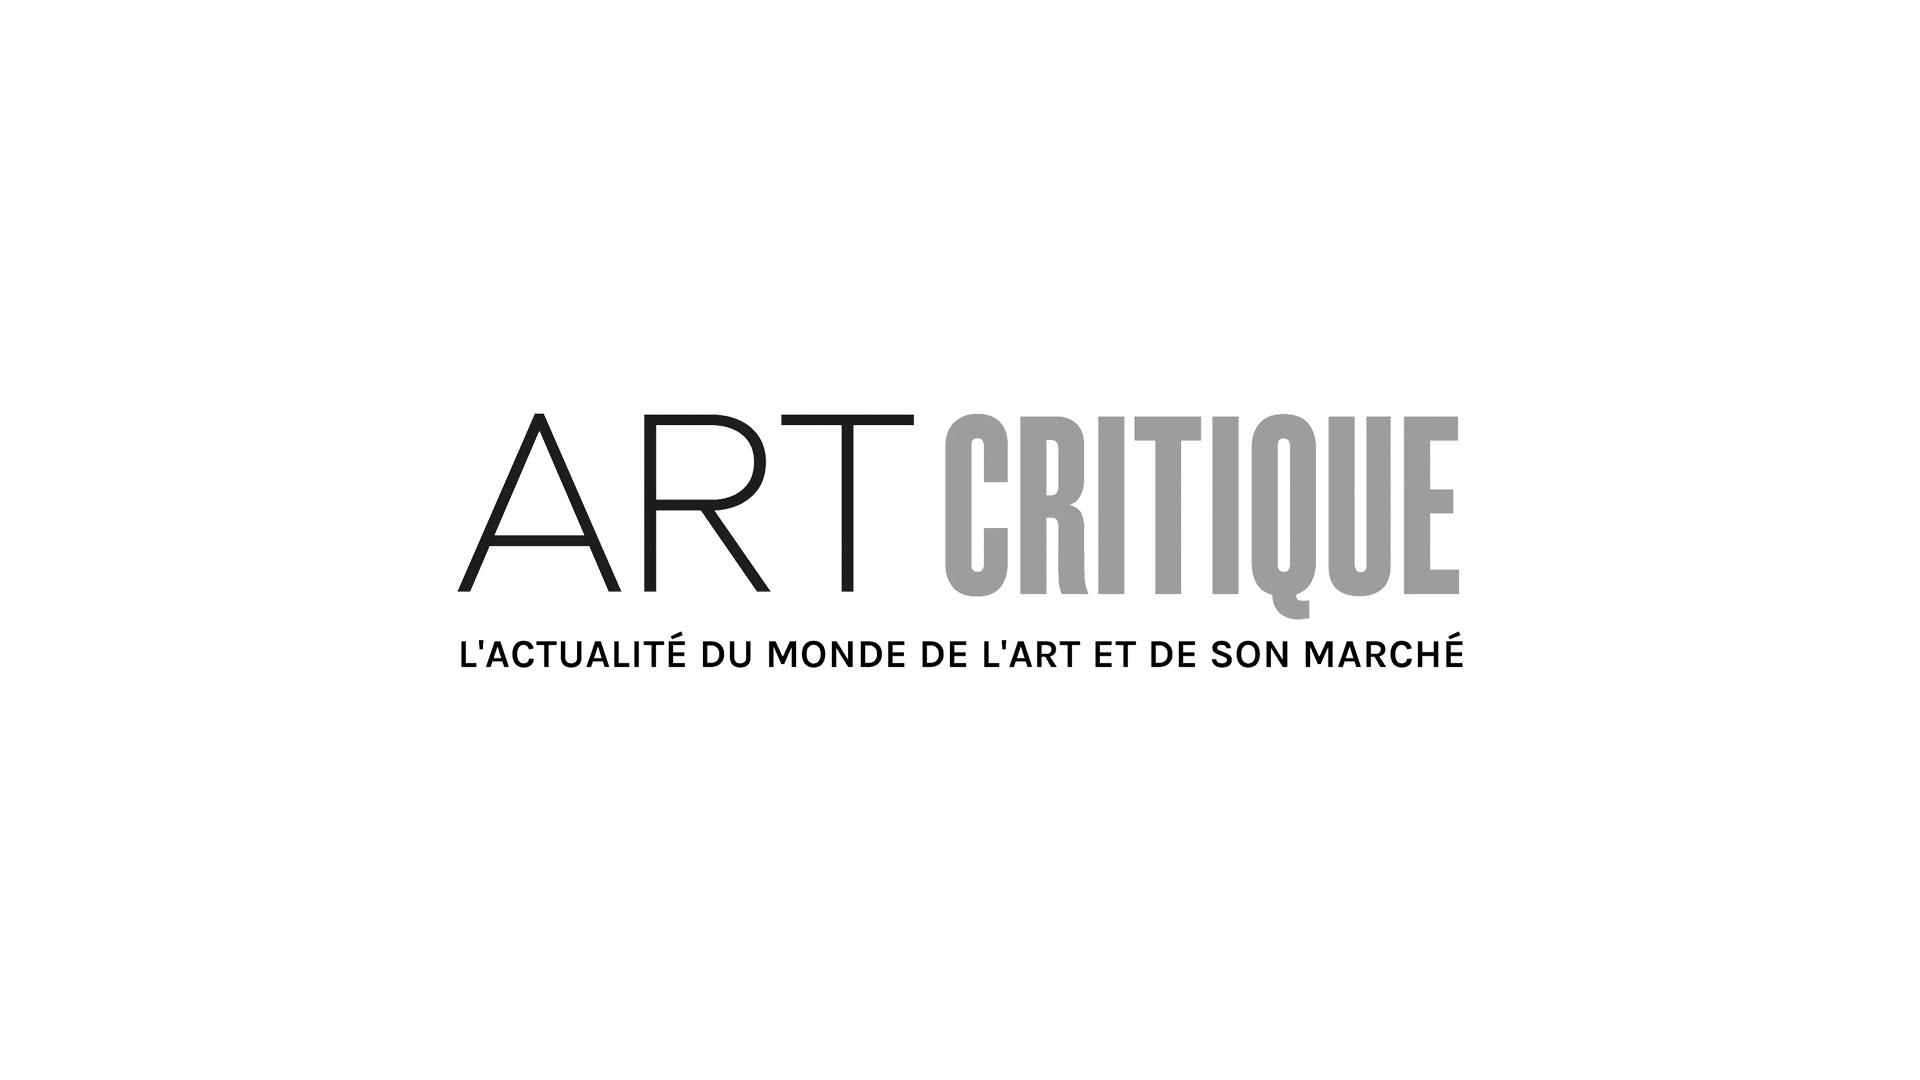 La collection Courtauld s'expose à la Fondation Louis Vuitton